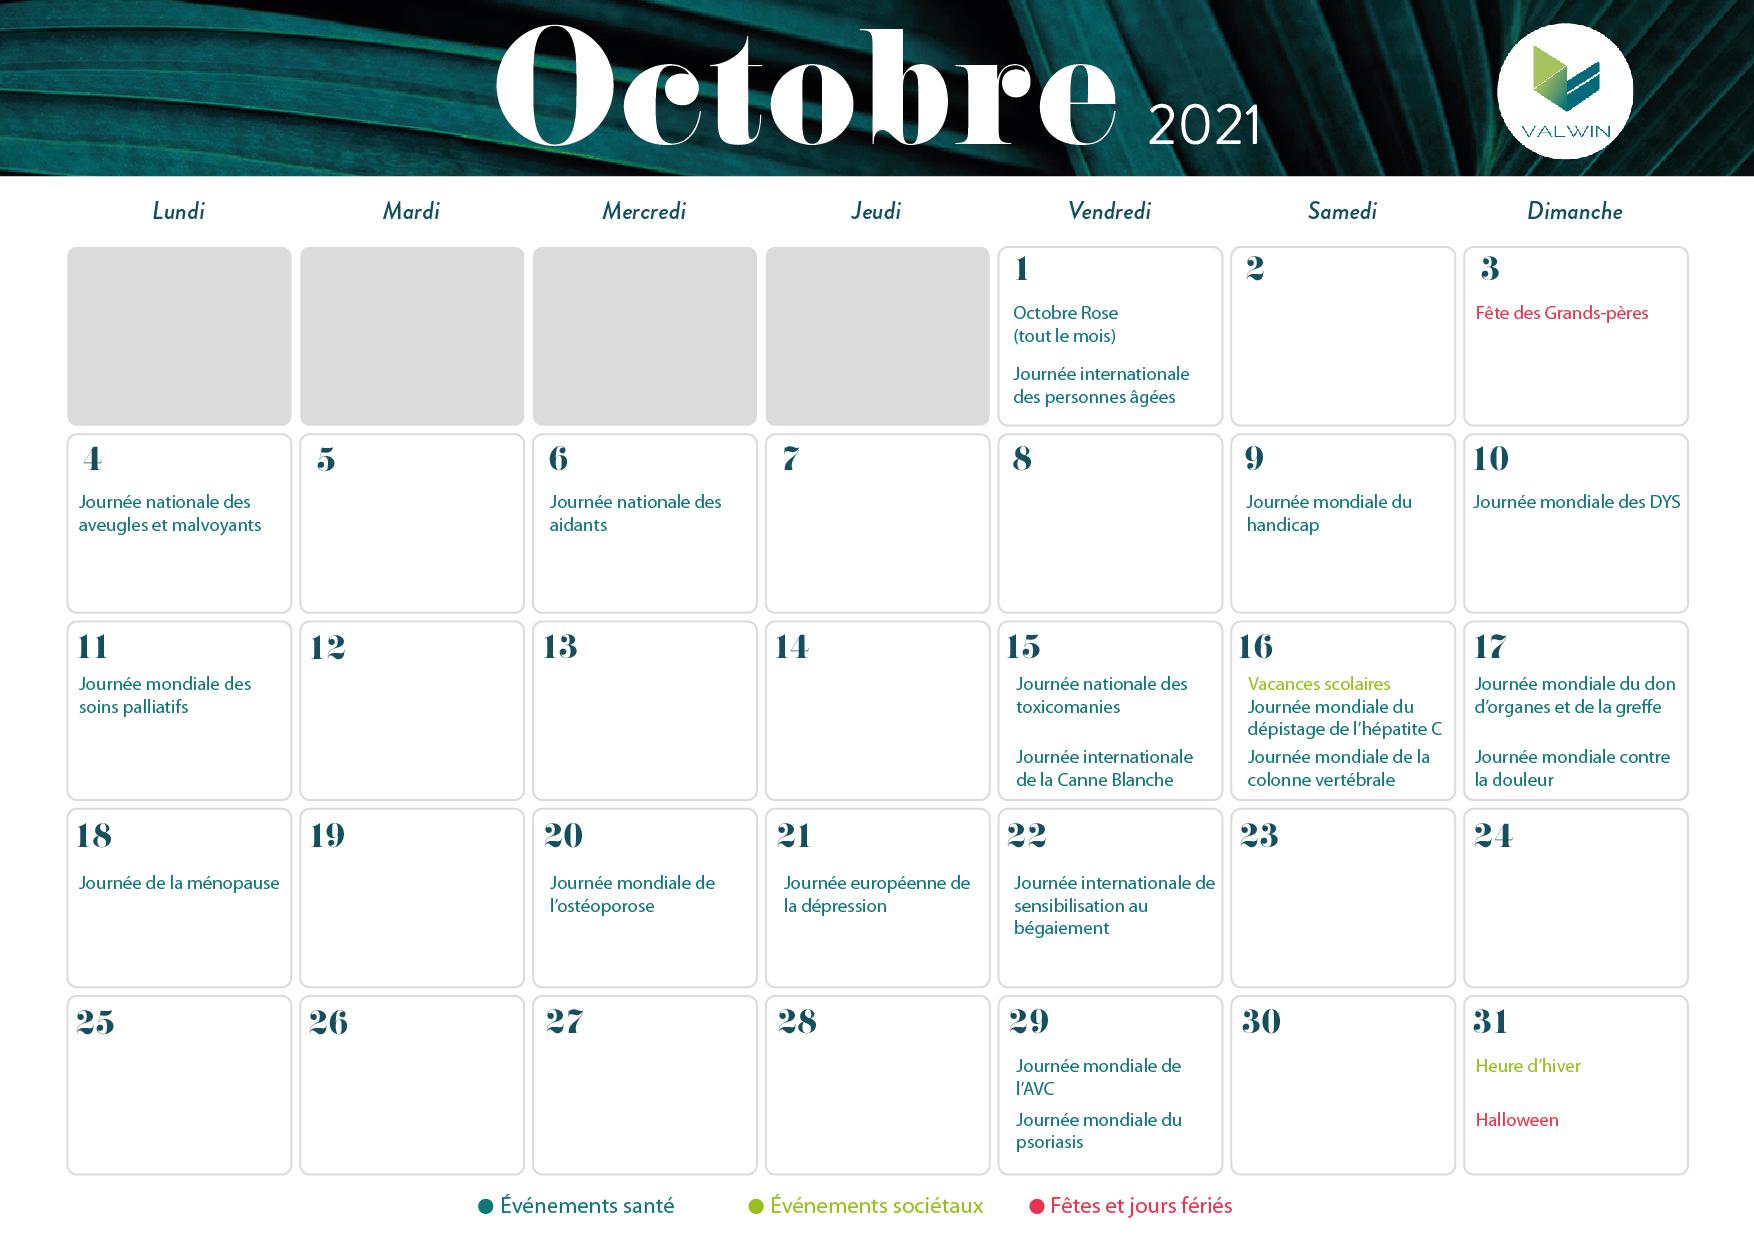 Octobre-calendrier-journee-mondiale-sante-2021.jpg